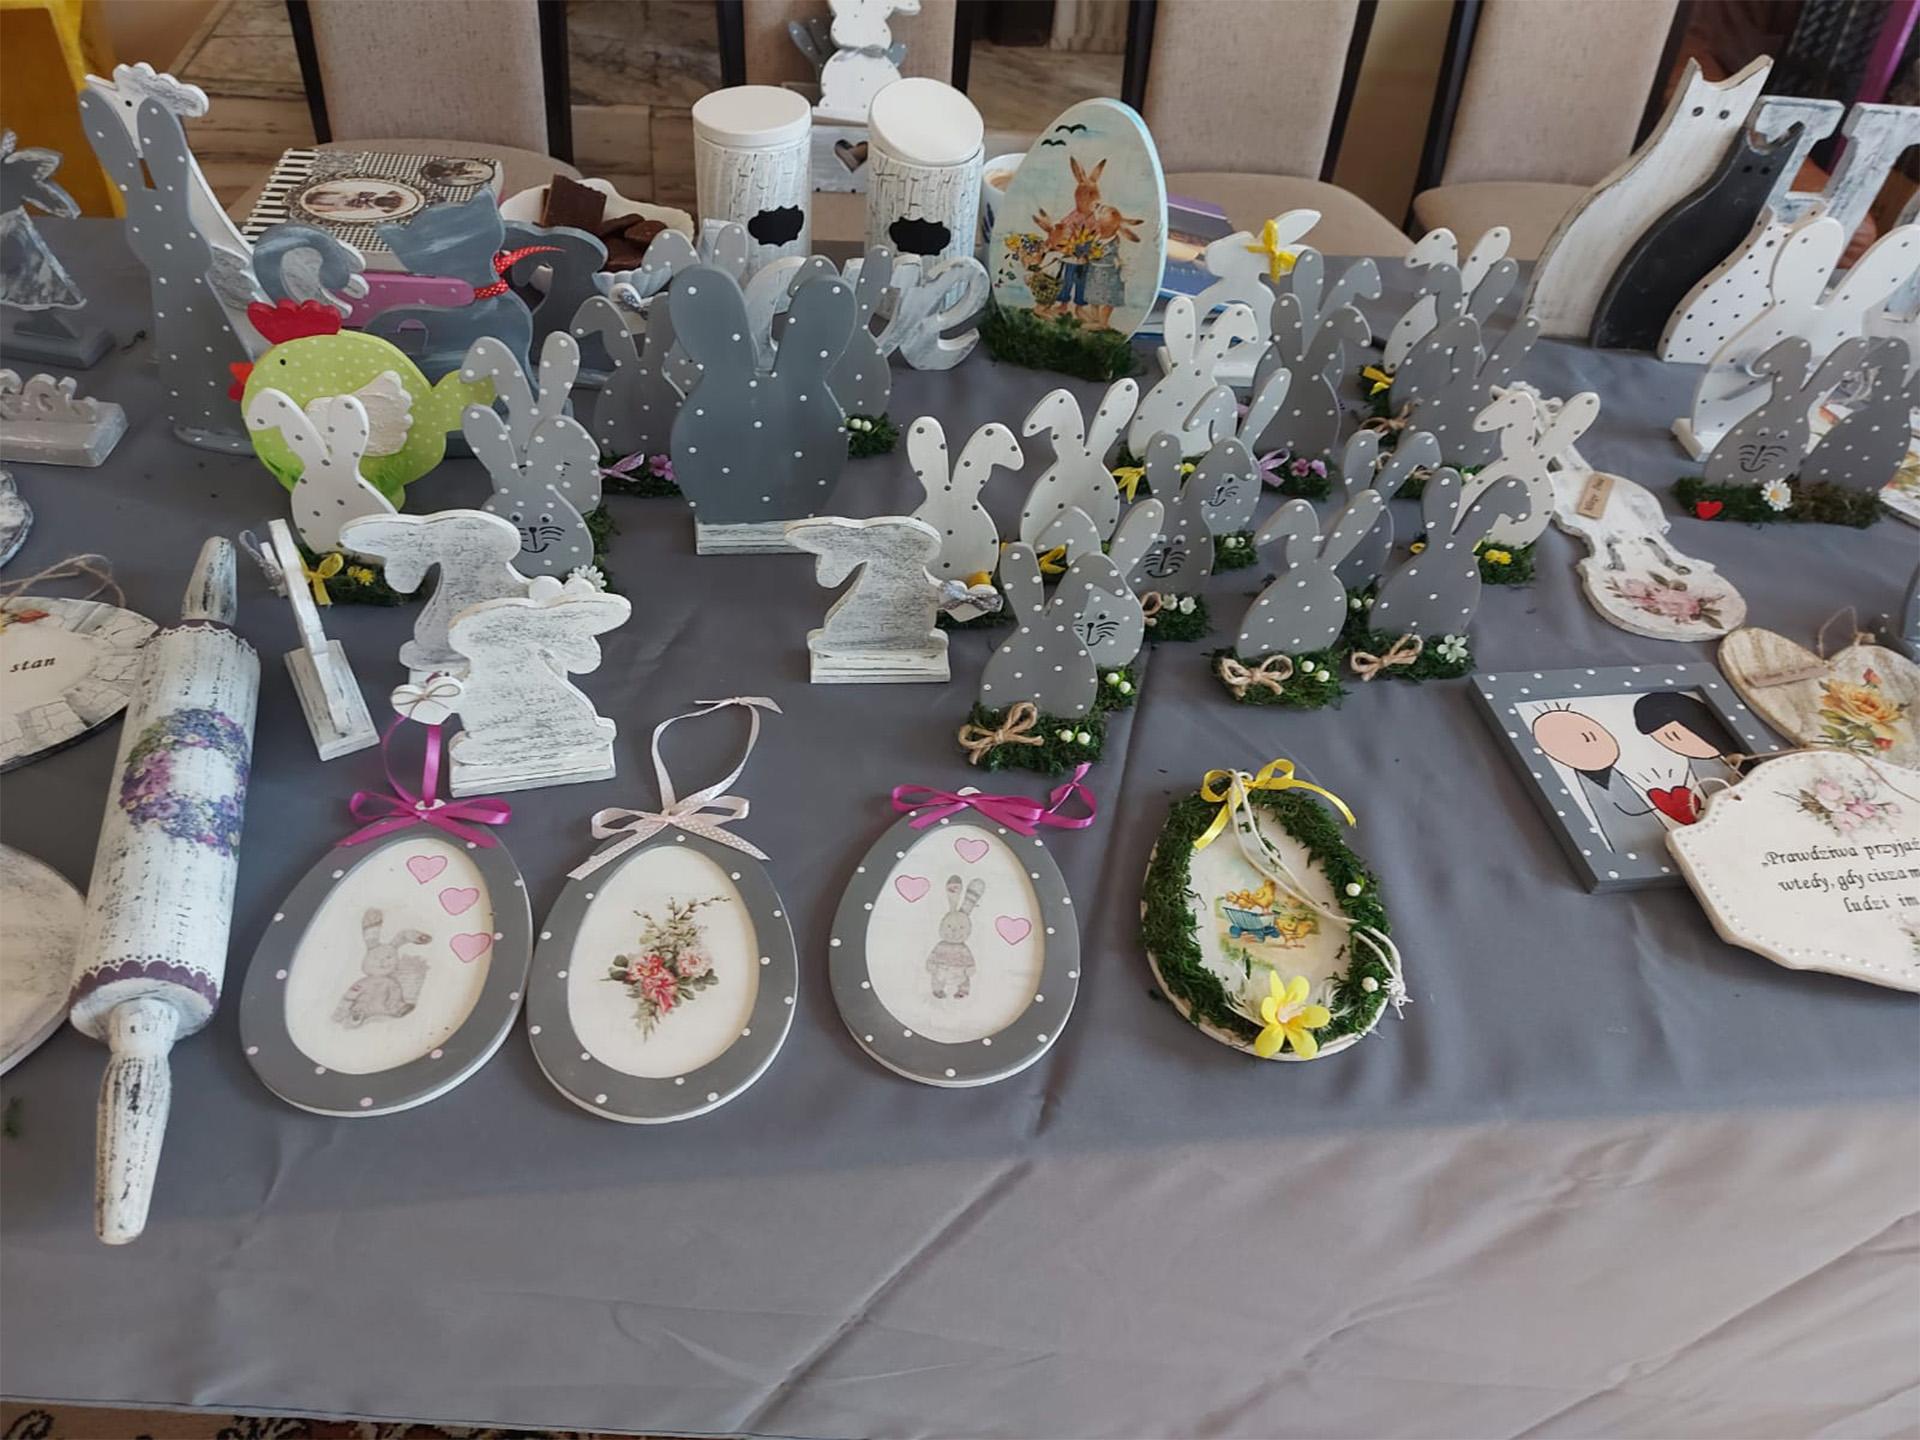 Stół na którym postawione są ozdoby zajączki, króliczki, koty, ozdoby do zawieszenia - wszystko w świątecznym Wielkanocnym klimacie